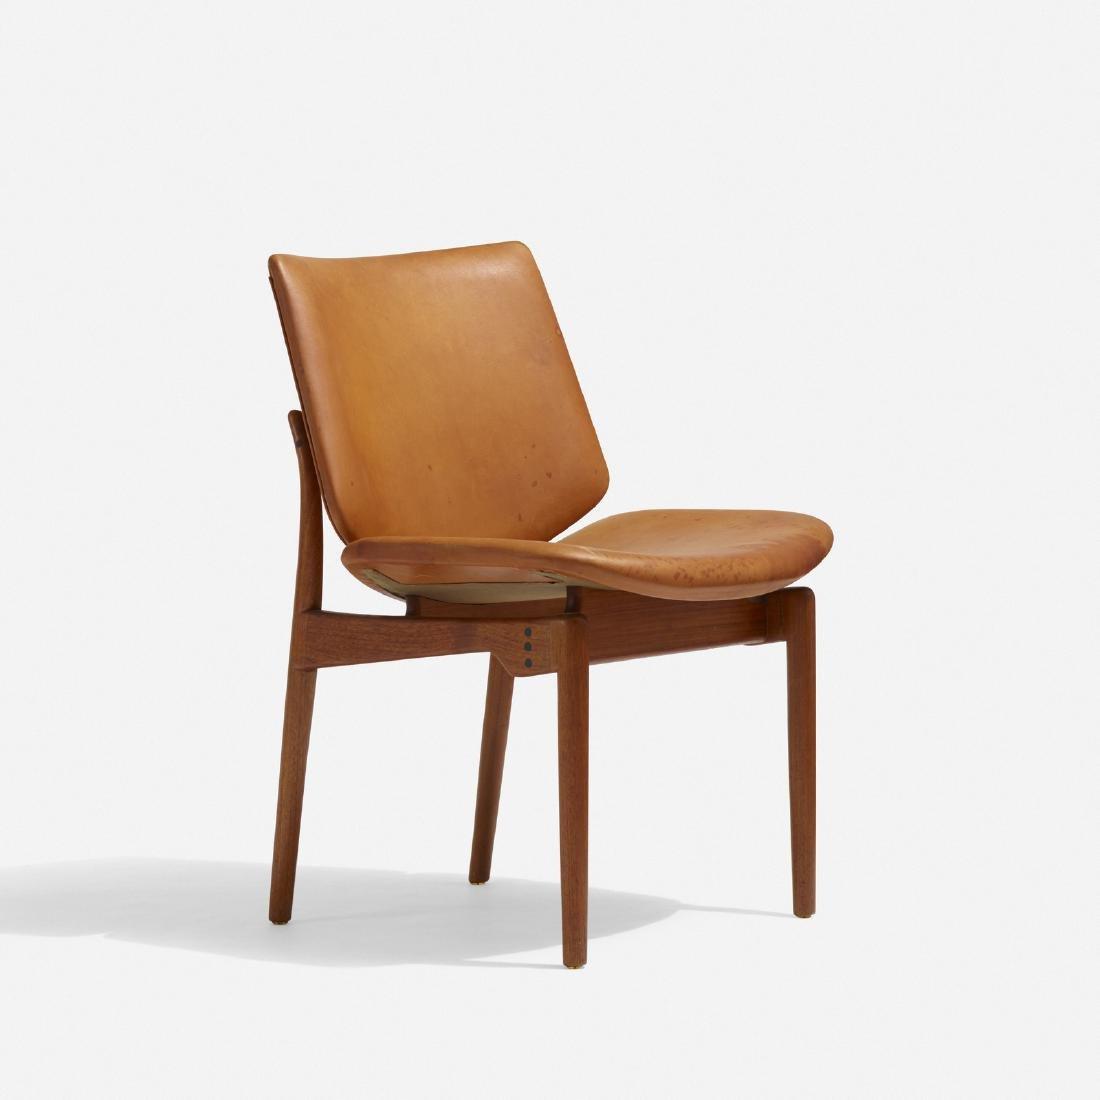 Finn Juhl, chair, model BO 116 - 3